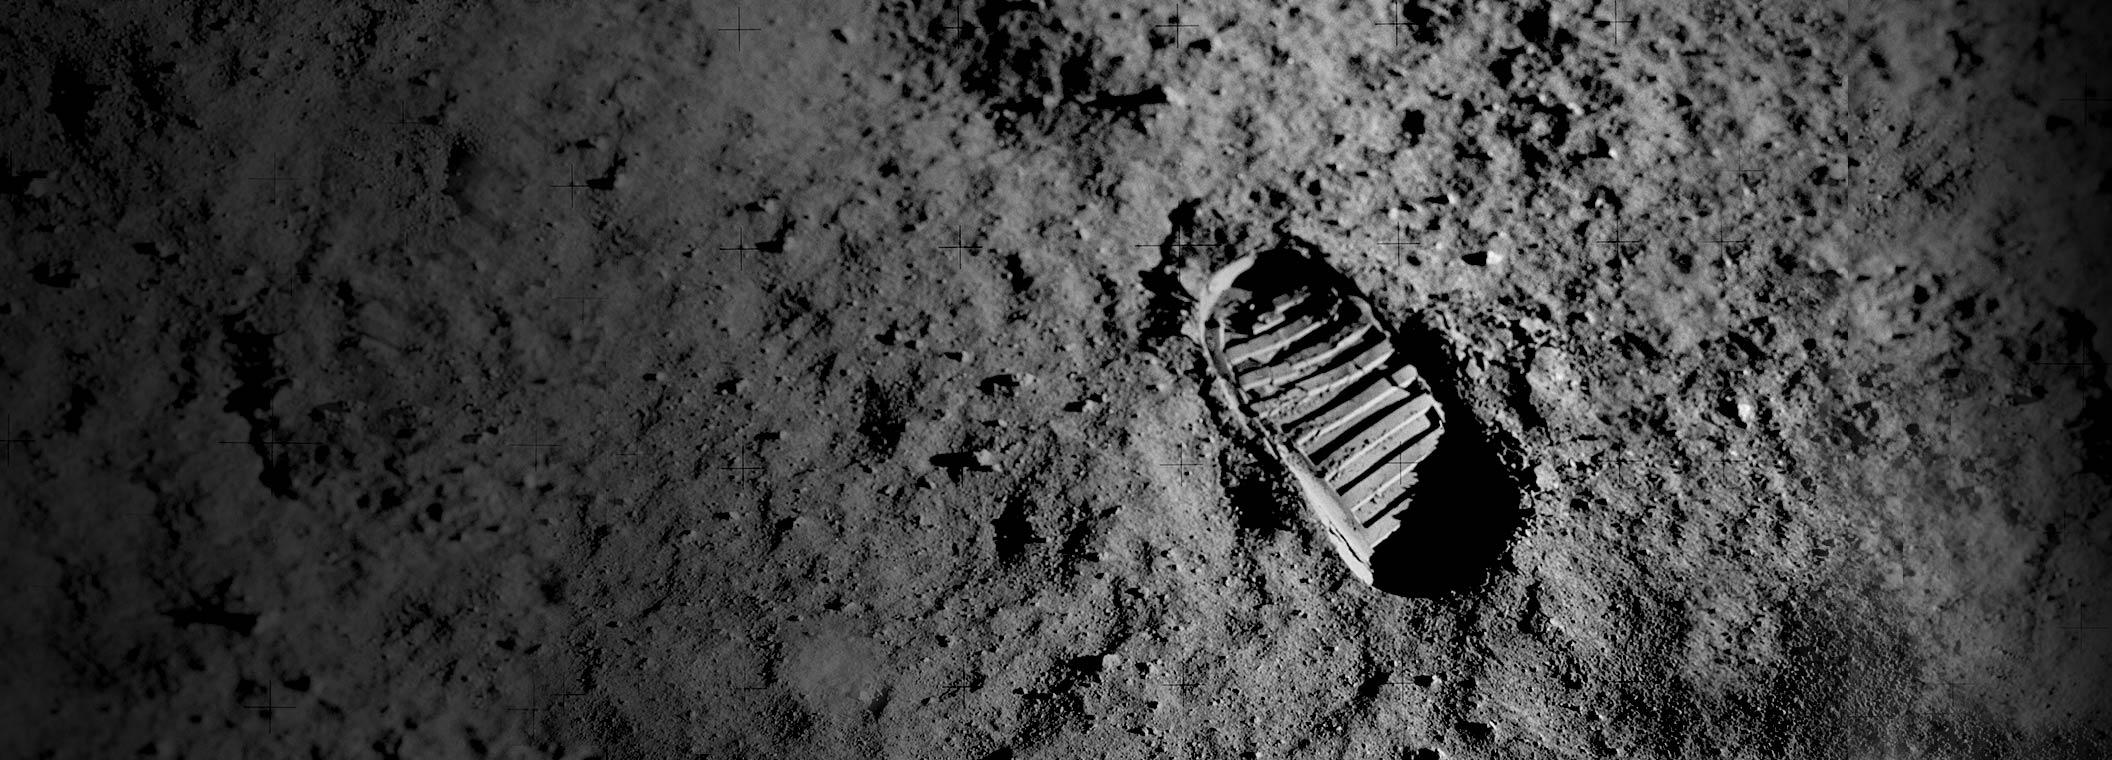 IBM ayudó a hacer posible la misión Apollo 11 hace 50 años